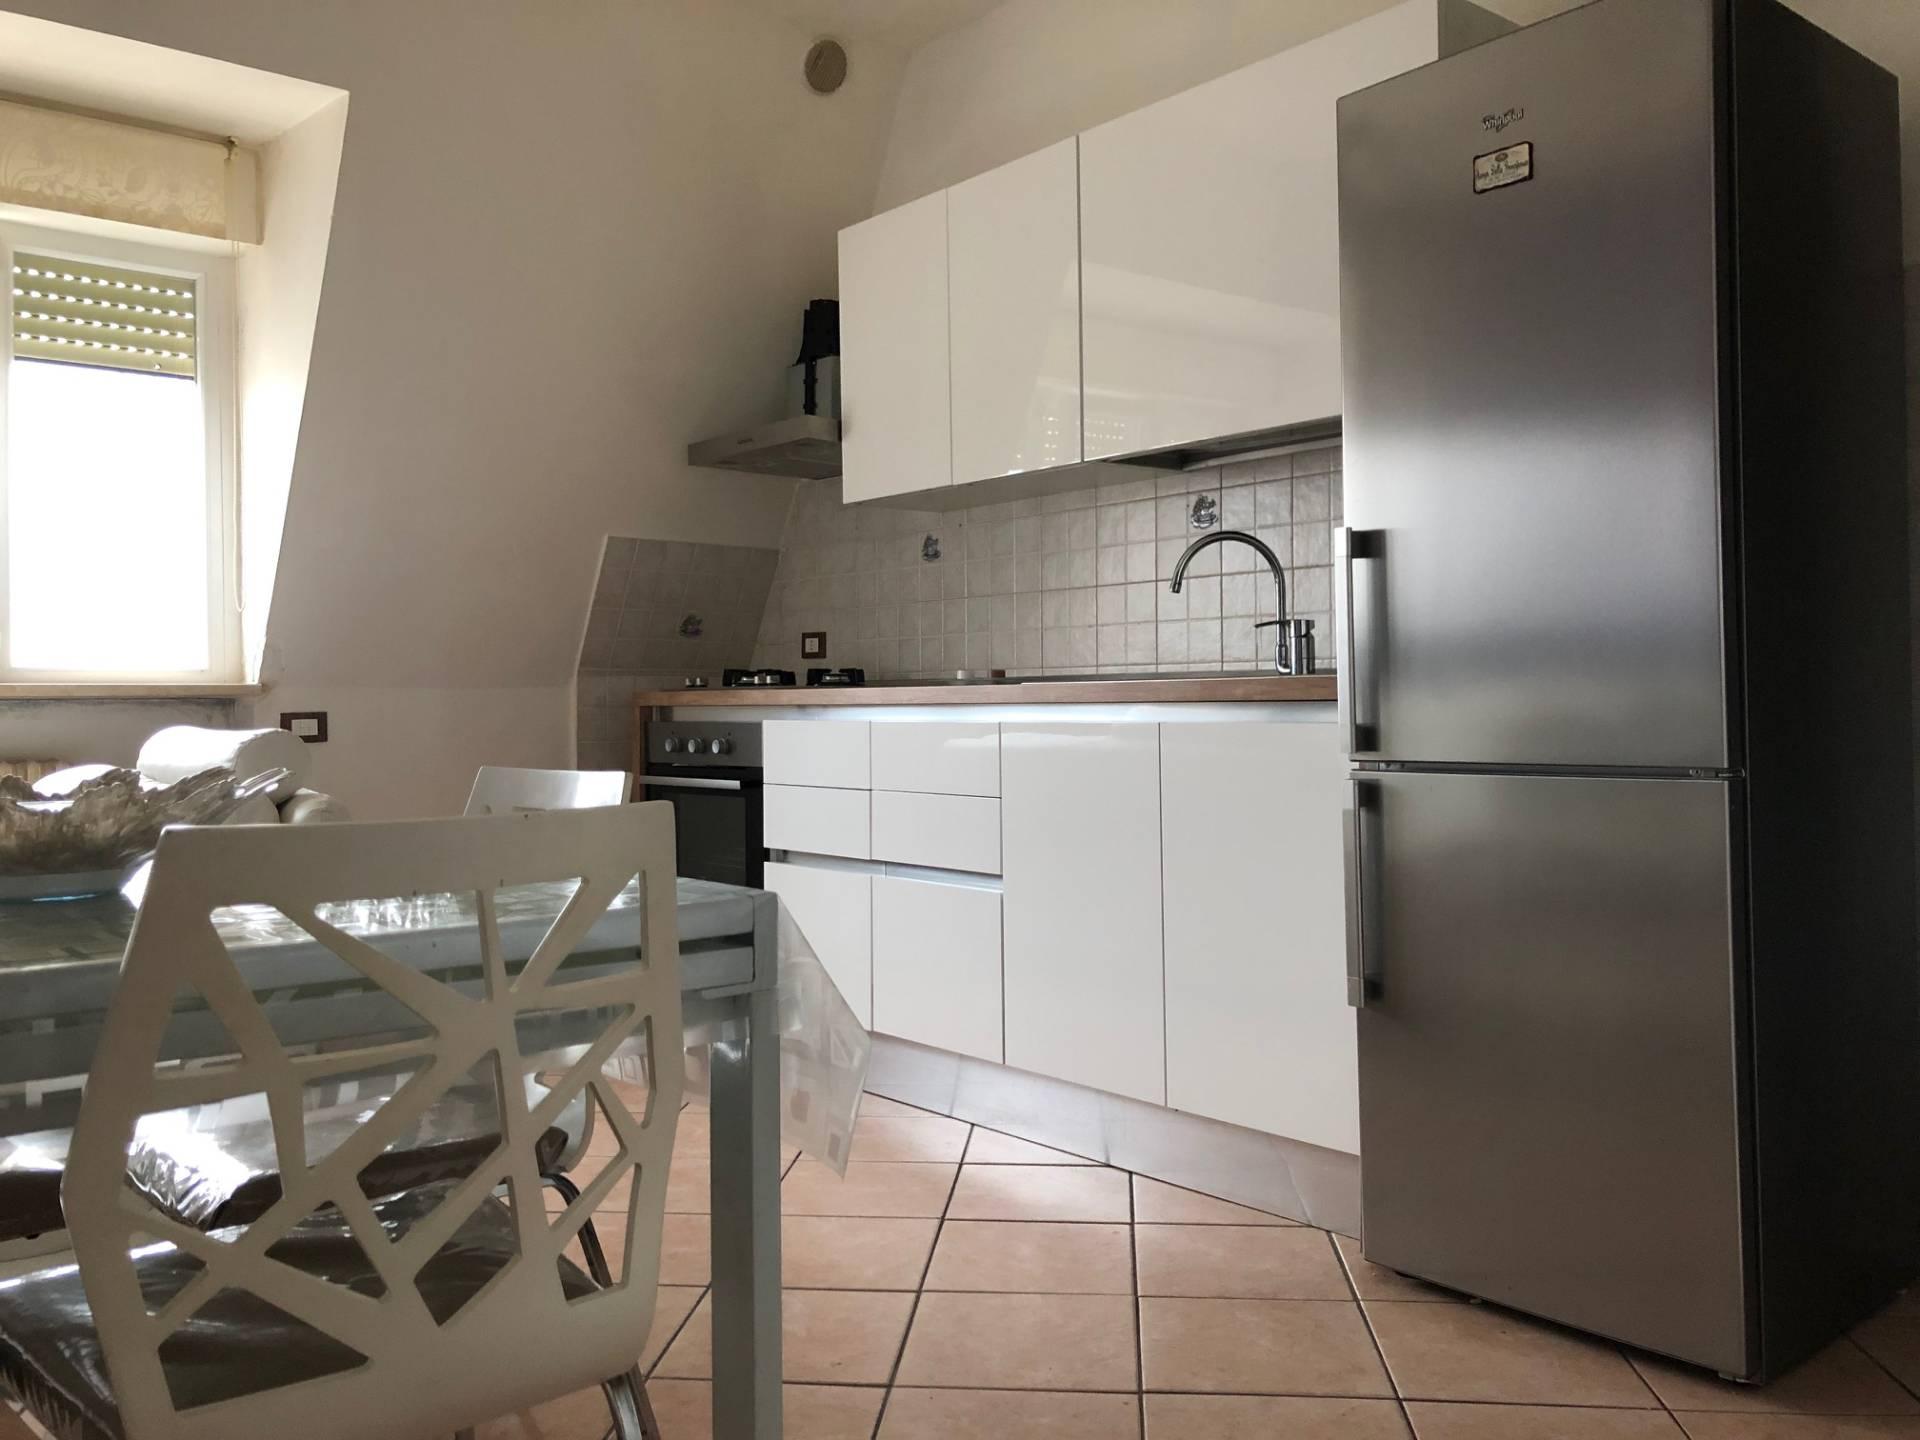 Appartamento in vendita a Montemarciano, 3 locali, zona Località: MarinadiMontemarciano, prezzo € 73.000 | CambioCasa.it